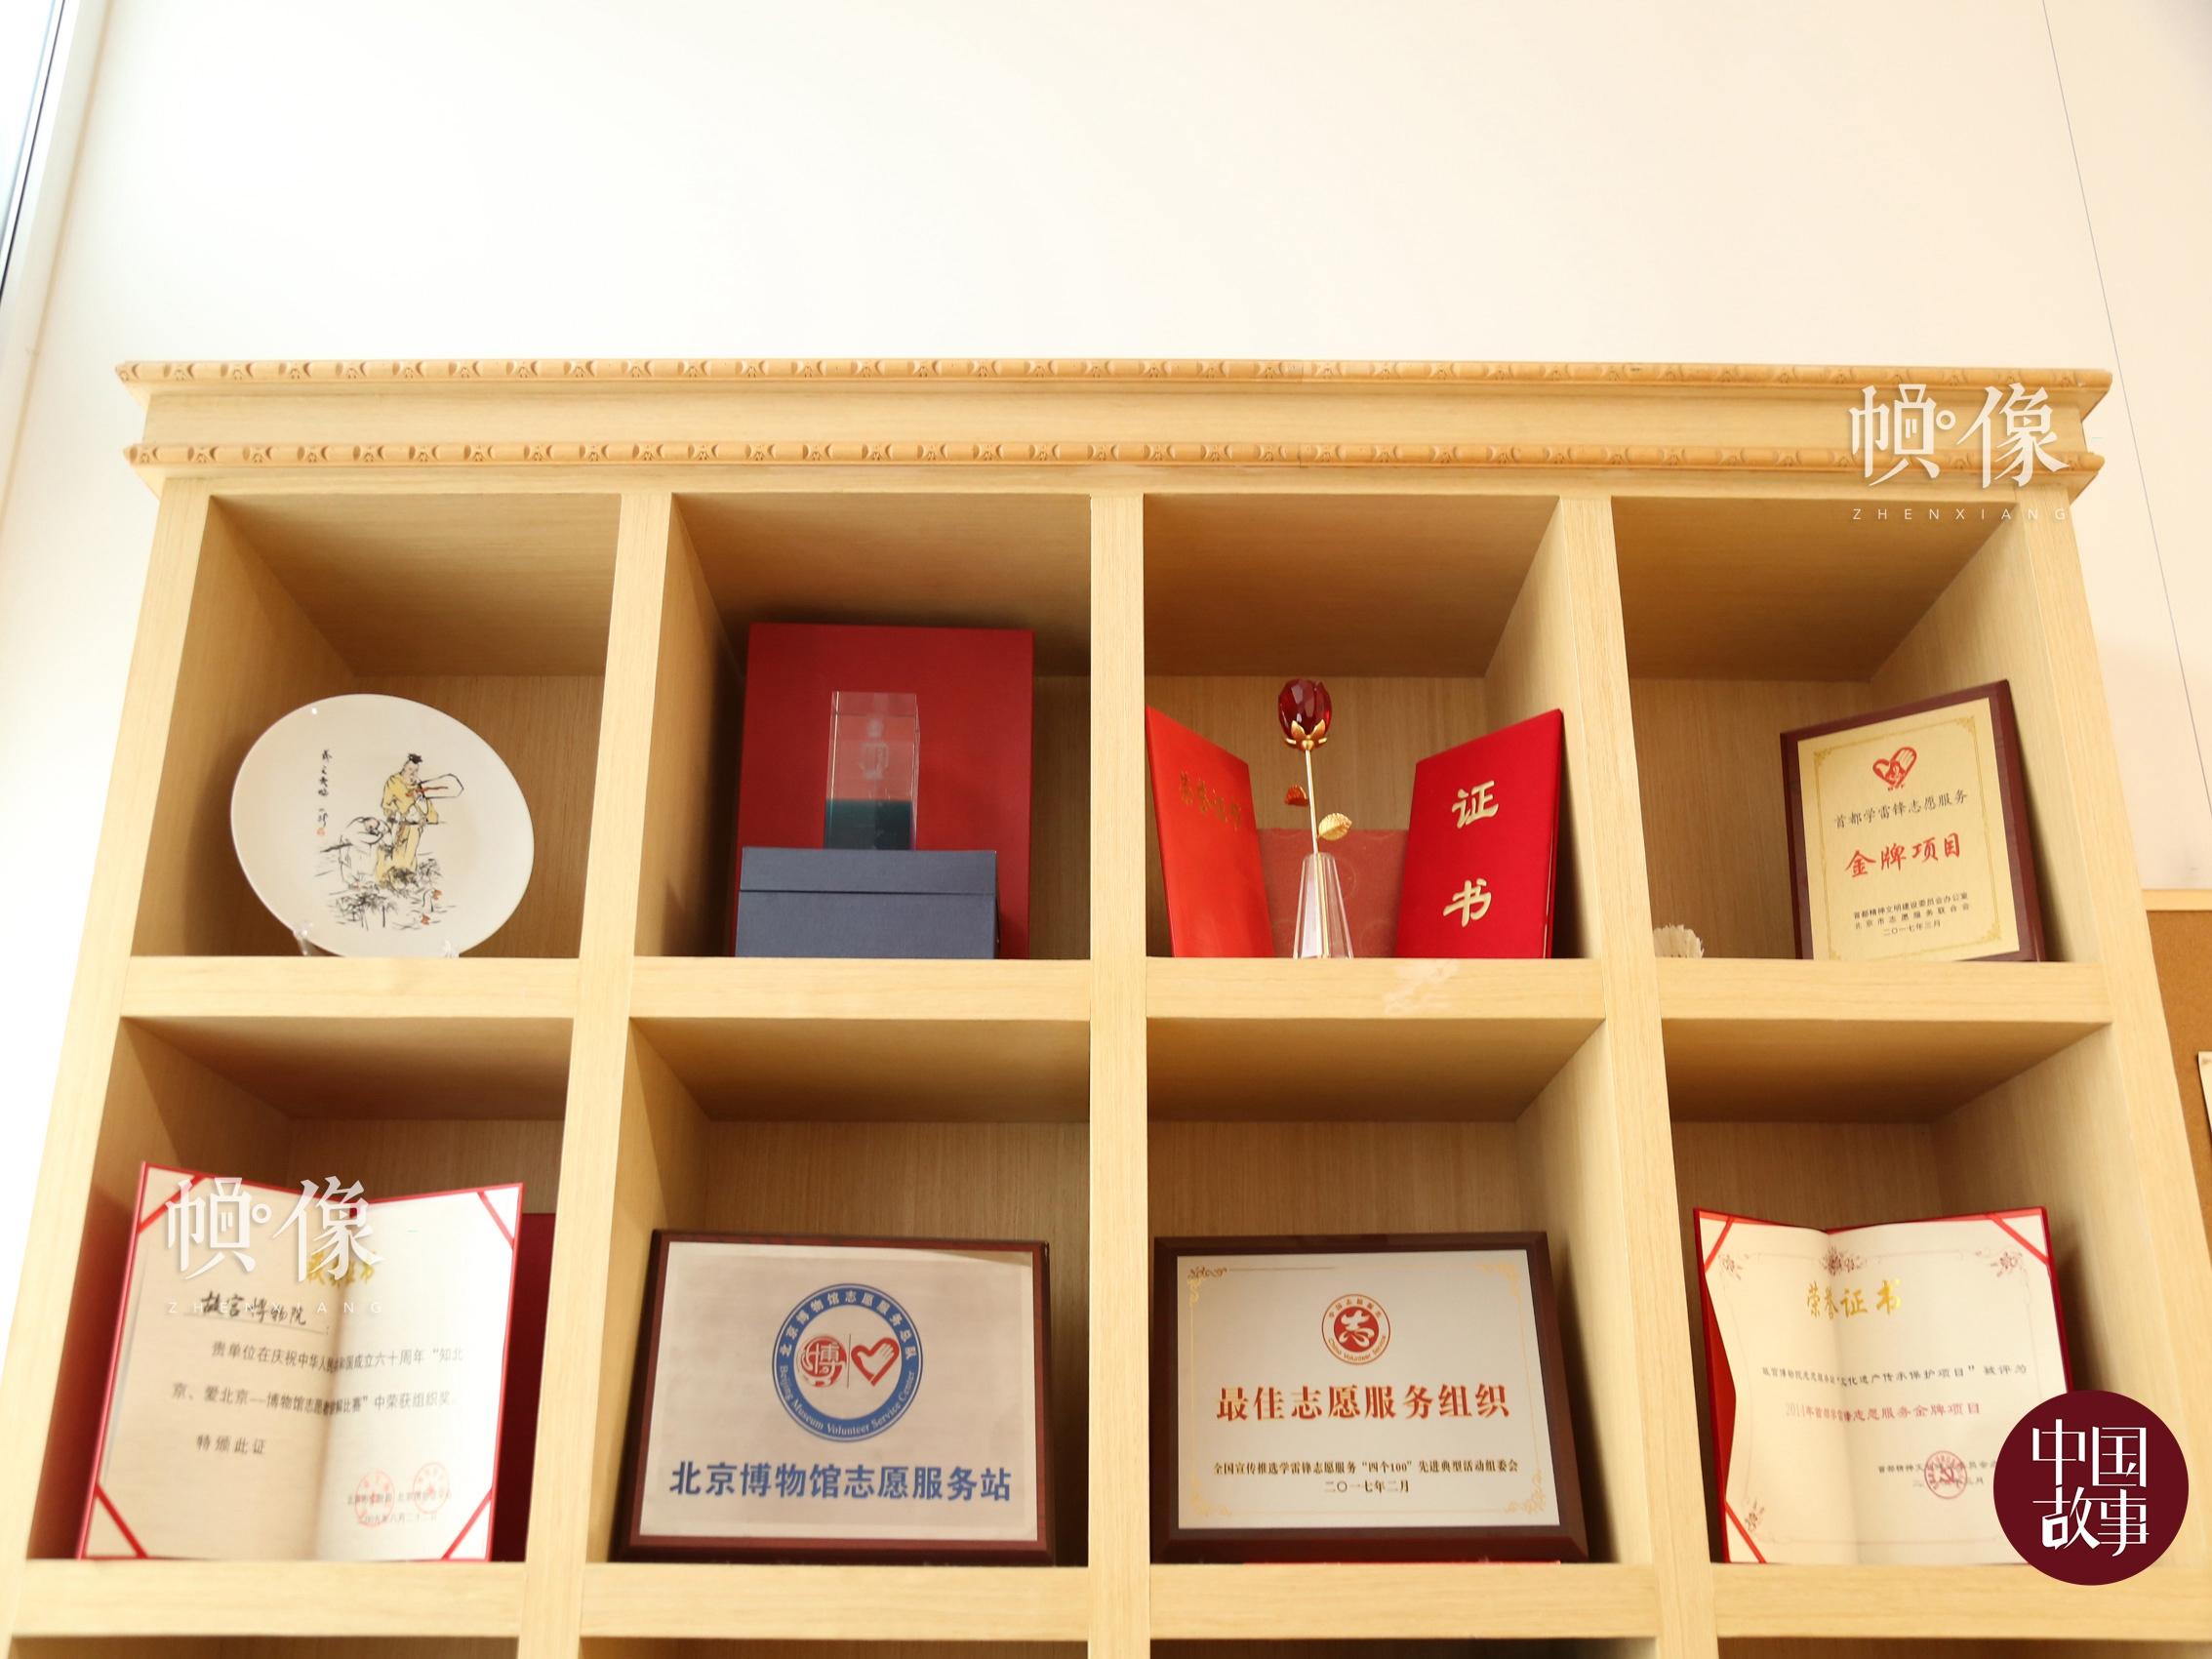 故宫志愿者曾获得的荣誉展柜。中国网记者 赵超 摄